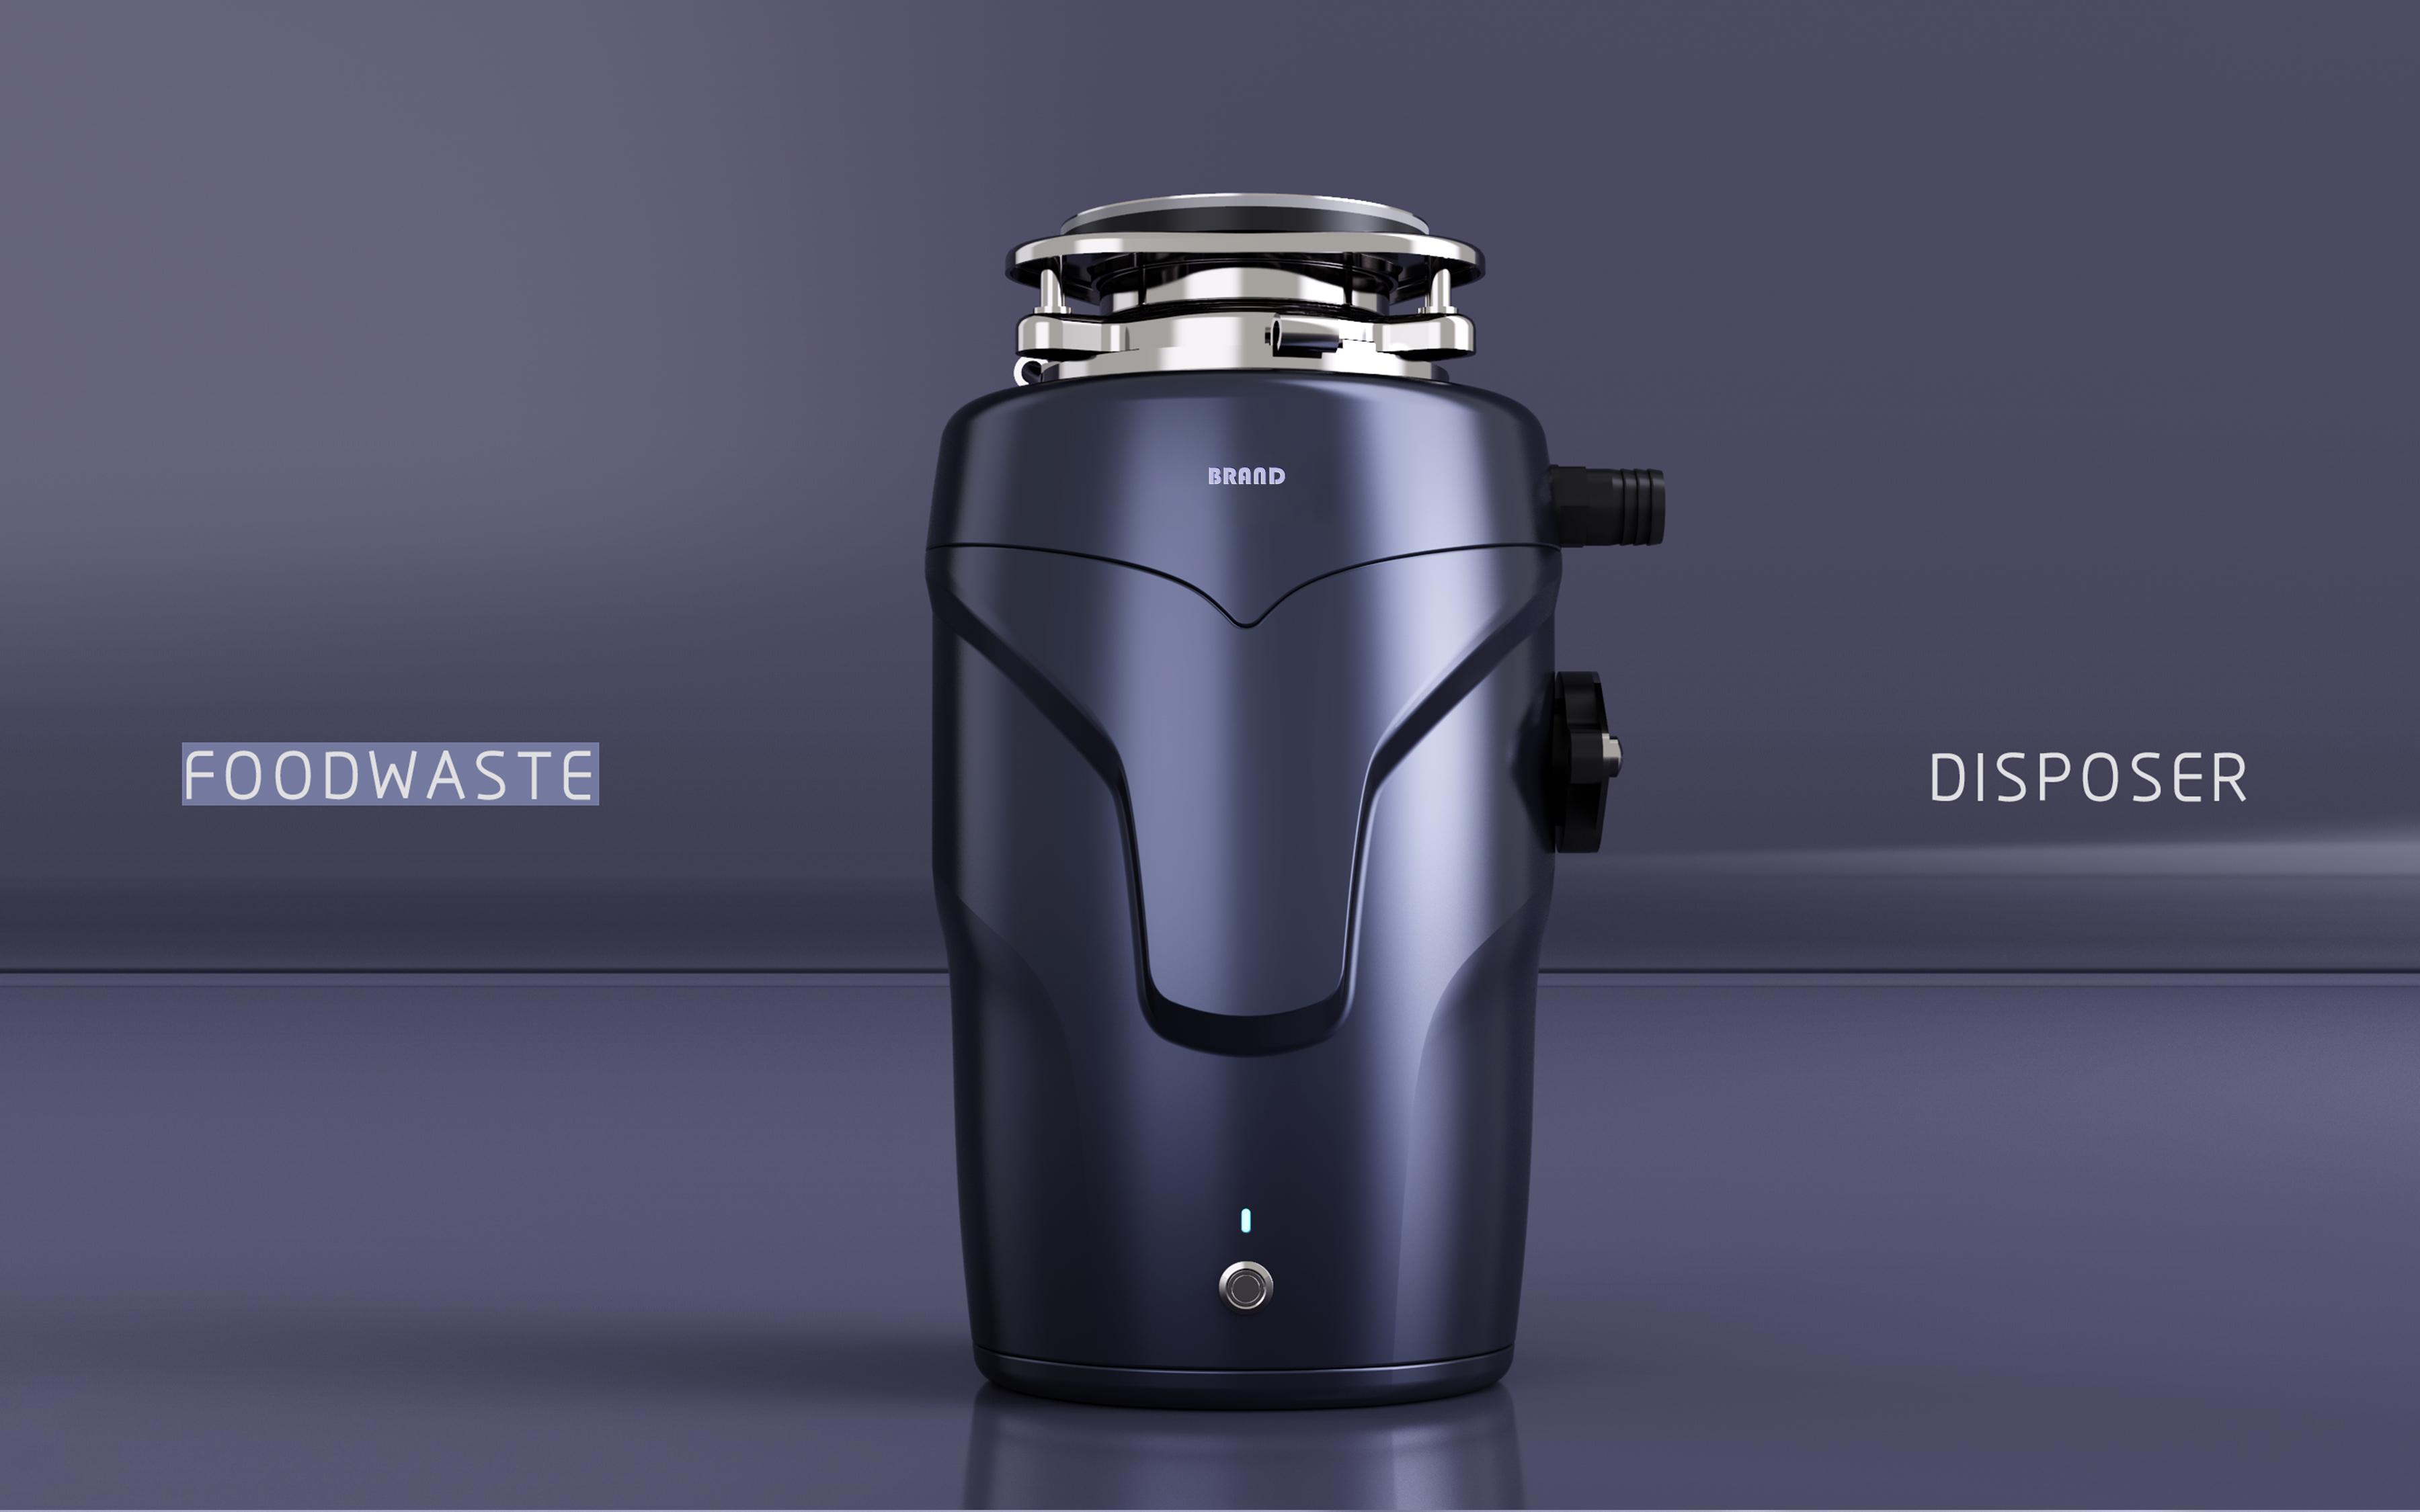 外观设计 工业设计 产品设计 厨房电器  小家电设计